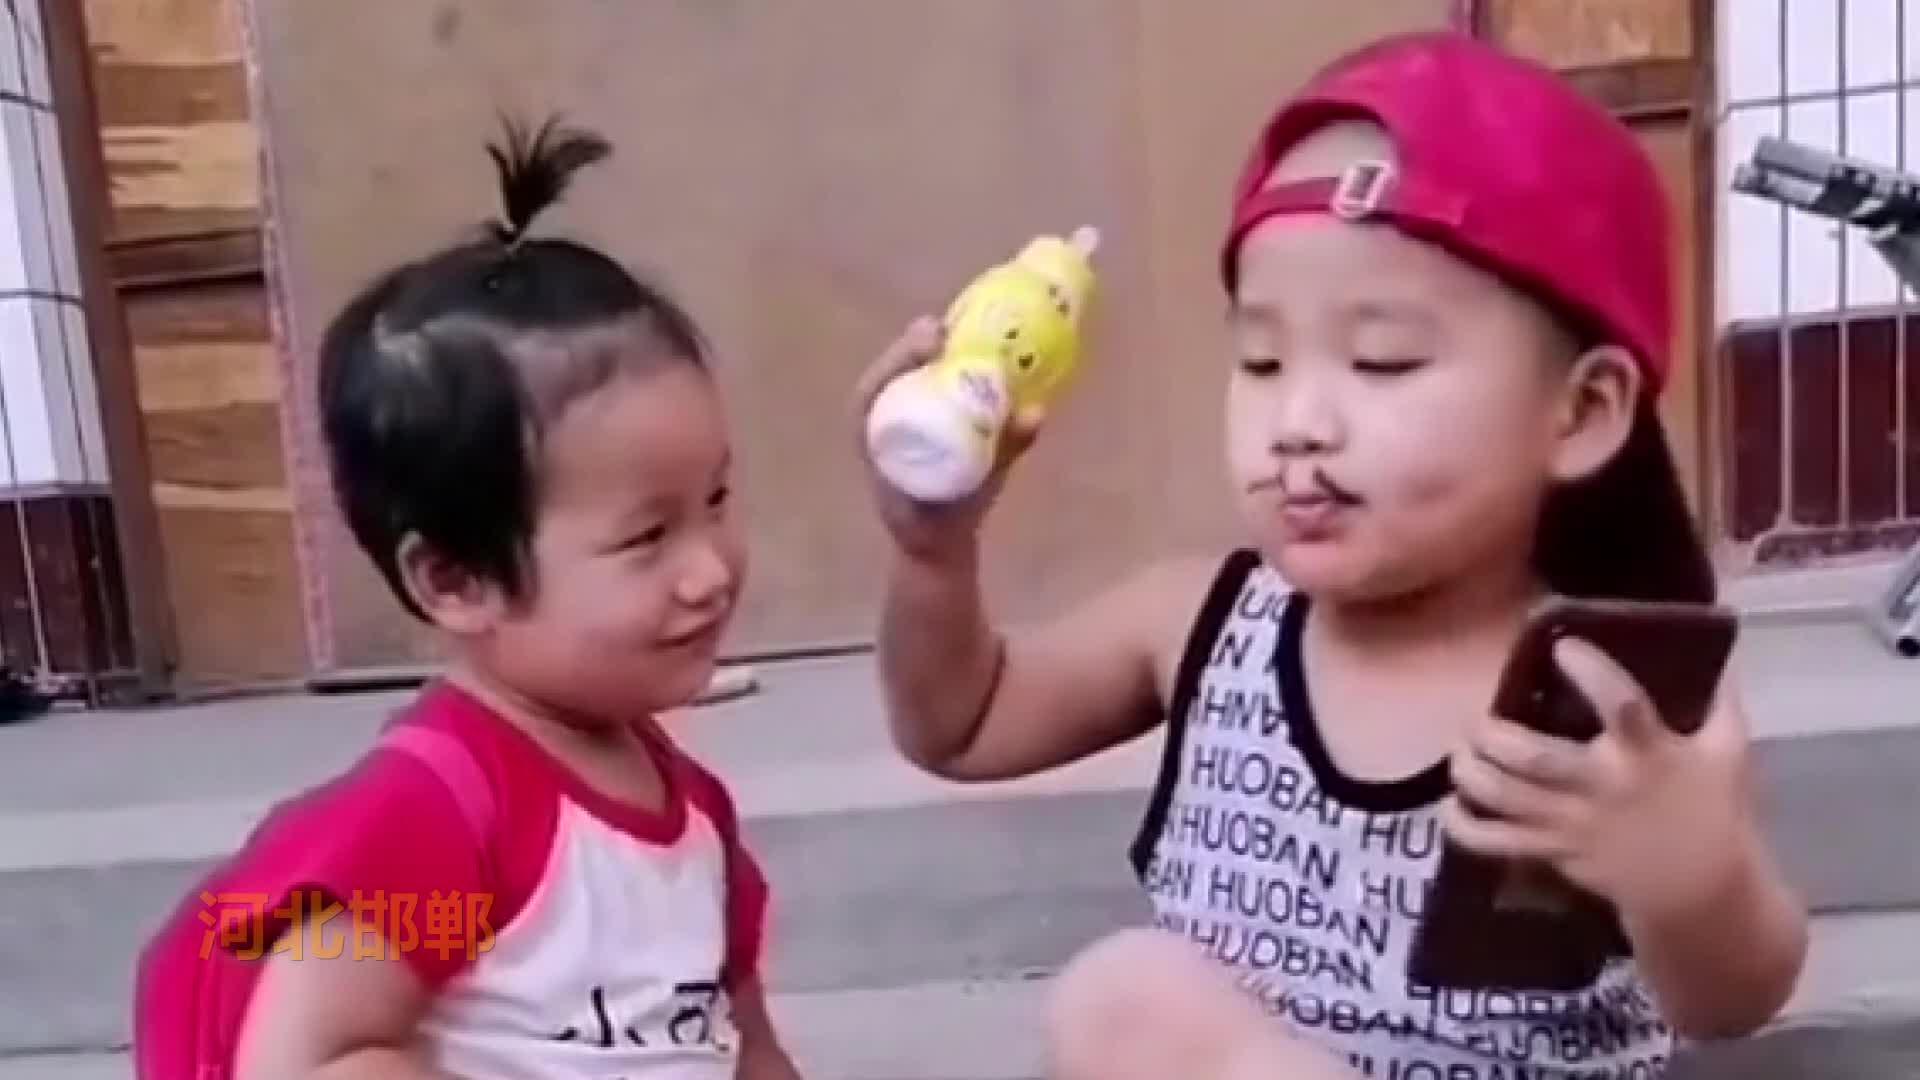 农村父母拍娃成长视频走红,俩孩子演戏赚打赏还挺有天赋